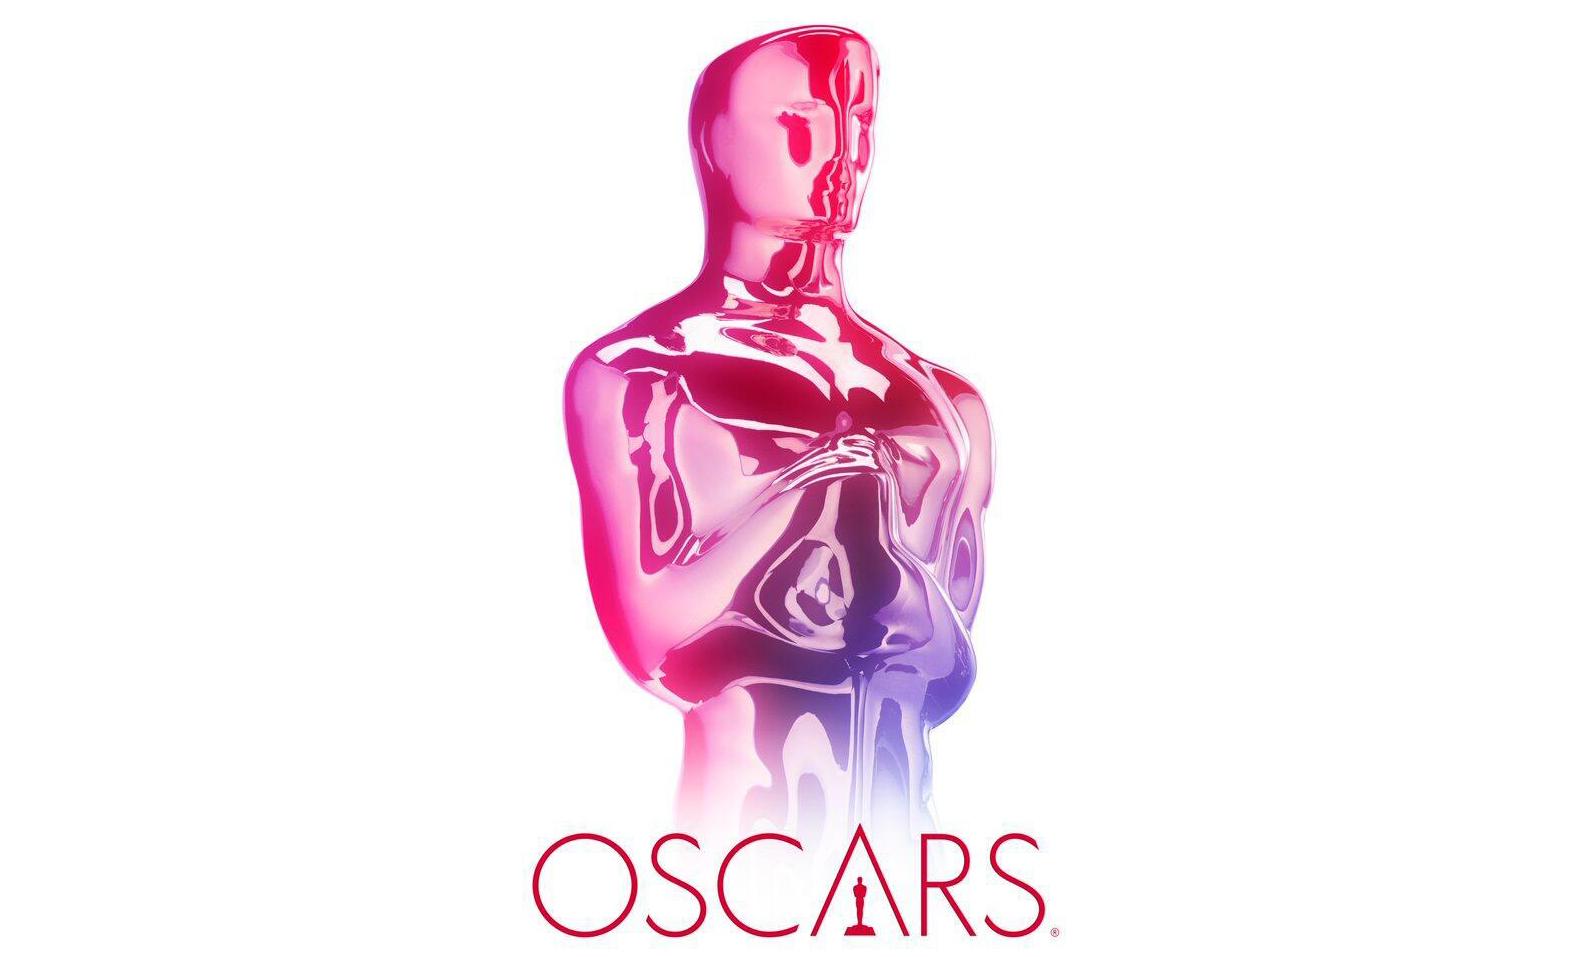 第 91 届奥斯卡金像奖获奖名单完整公布